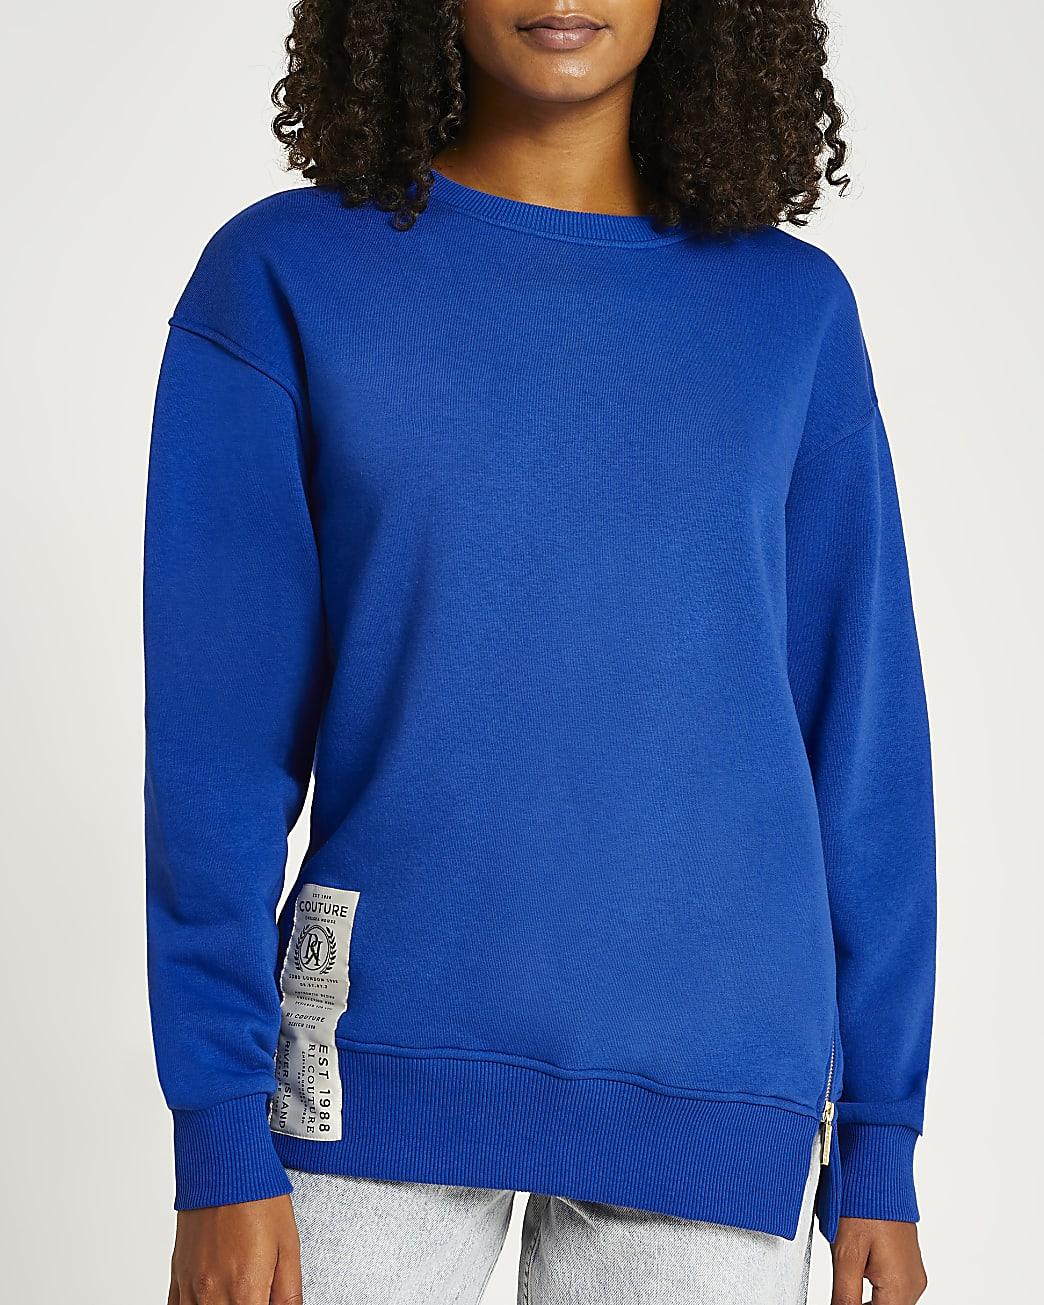 Blue zip sweatshirt